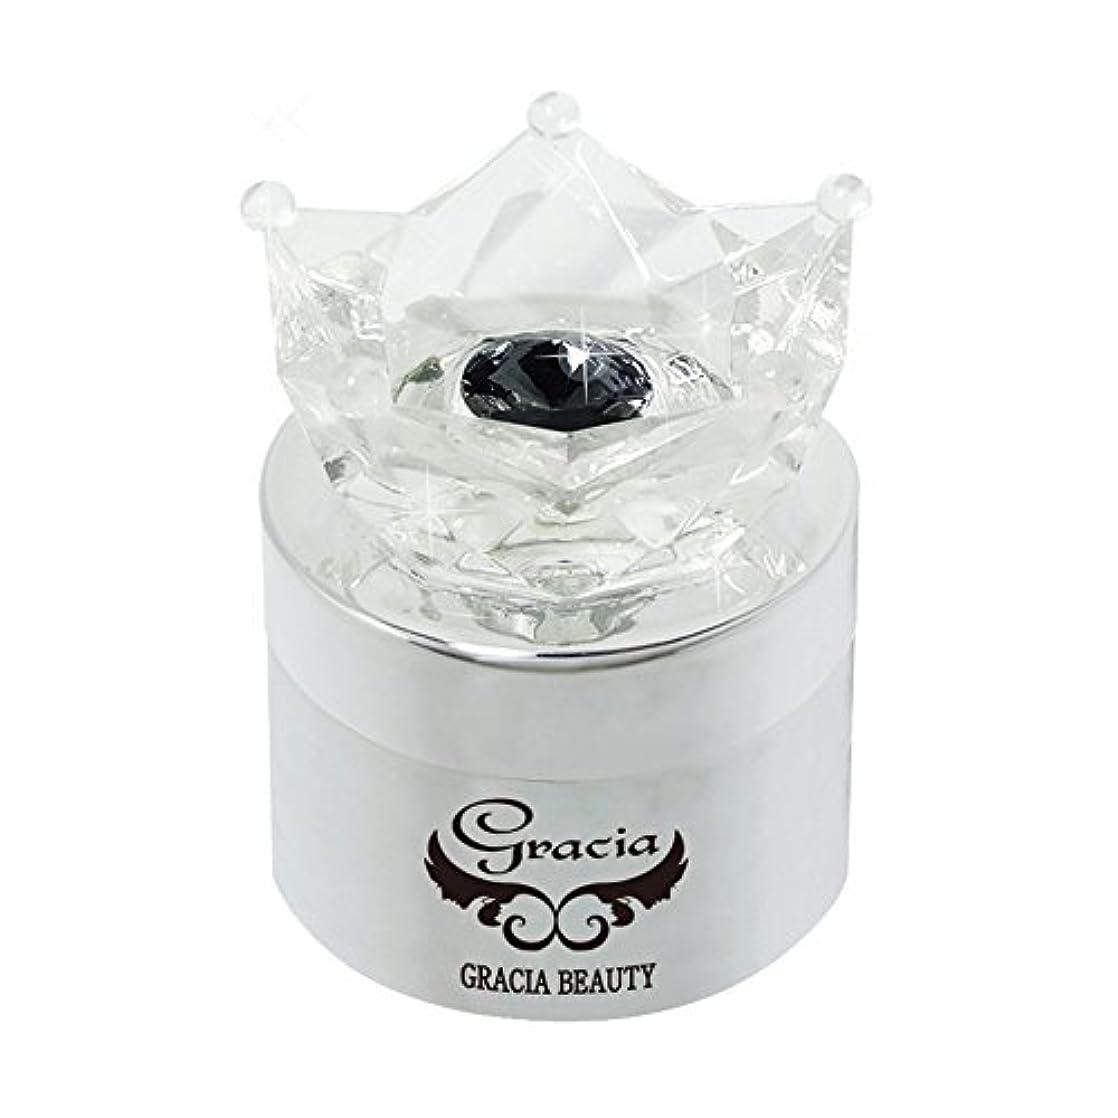 ストレージ表示シルエットグラシア ジェルネイル コフレットジェル GJ-145G 5g ホワイト グリッター UV/LED対応 カラージェル ソークオフジェル